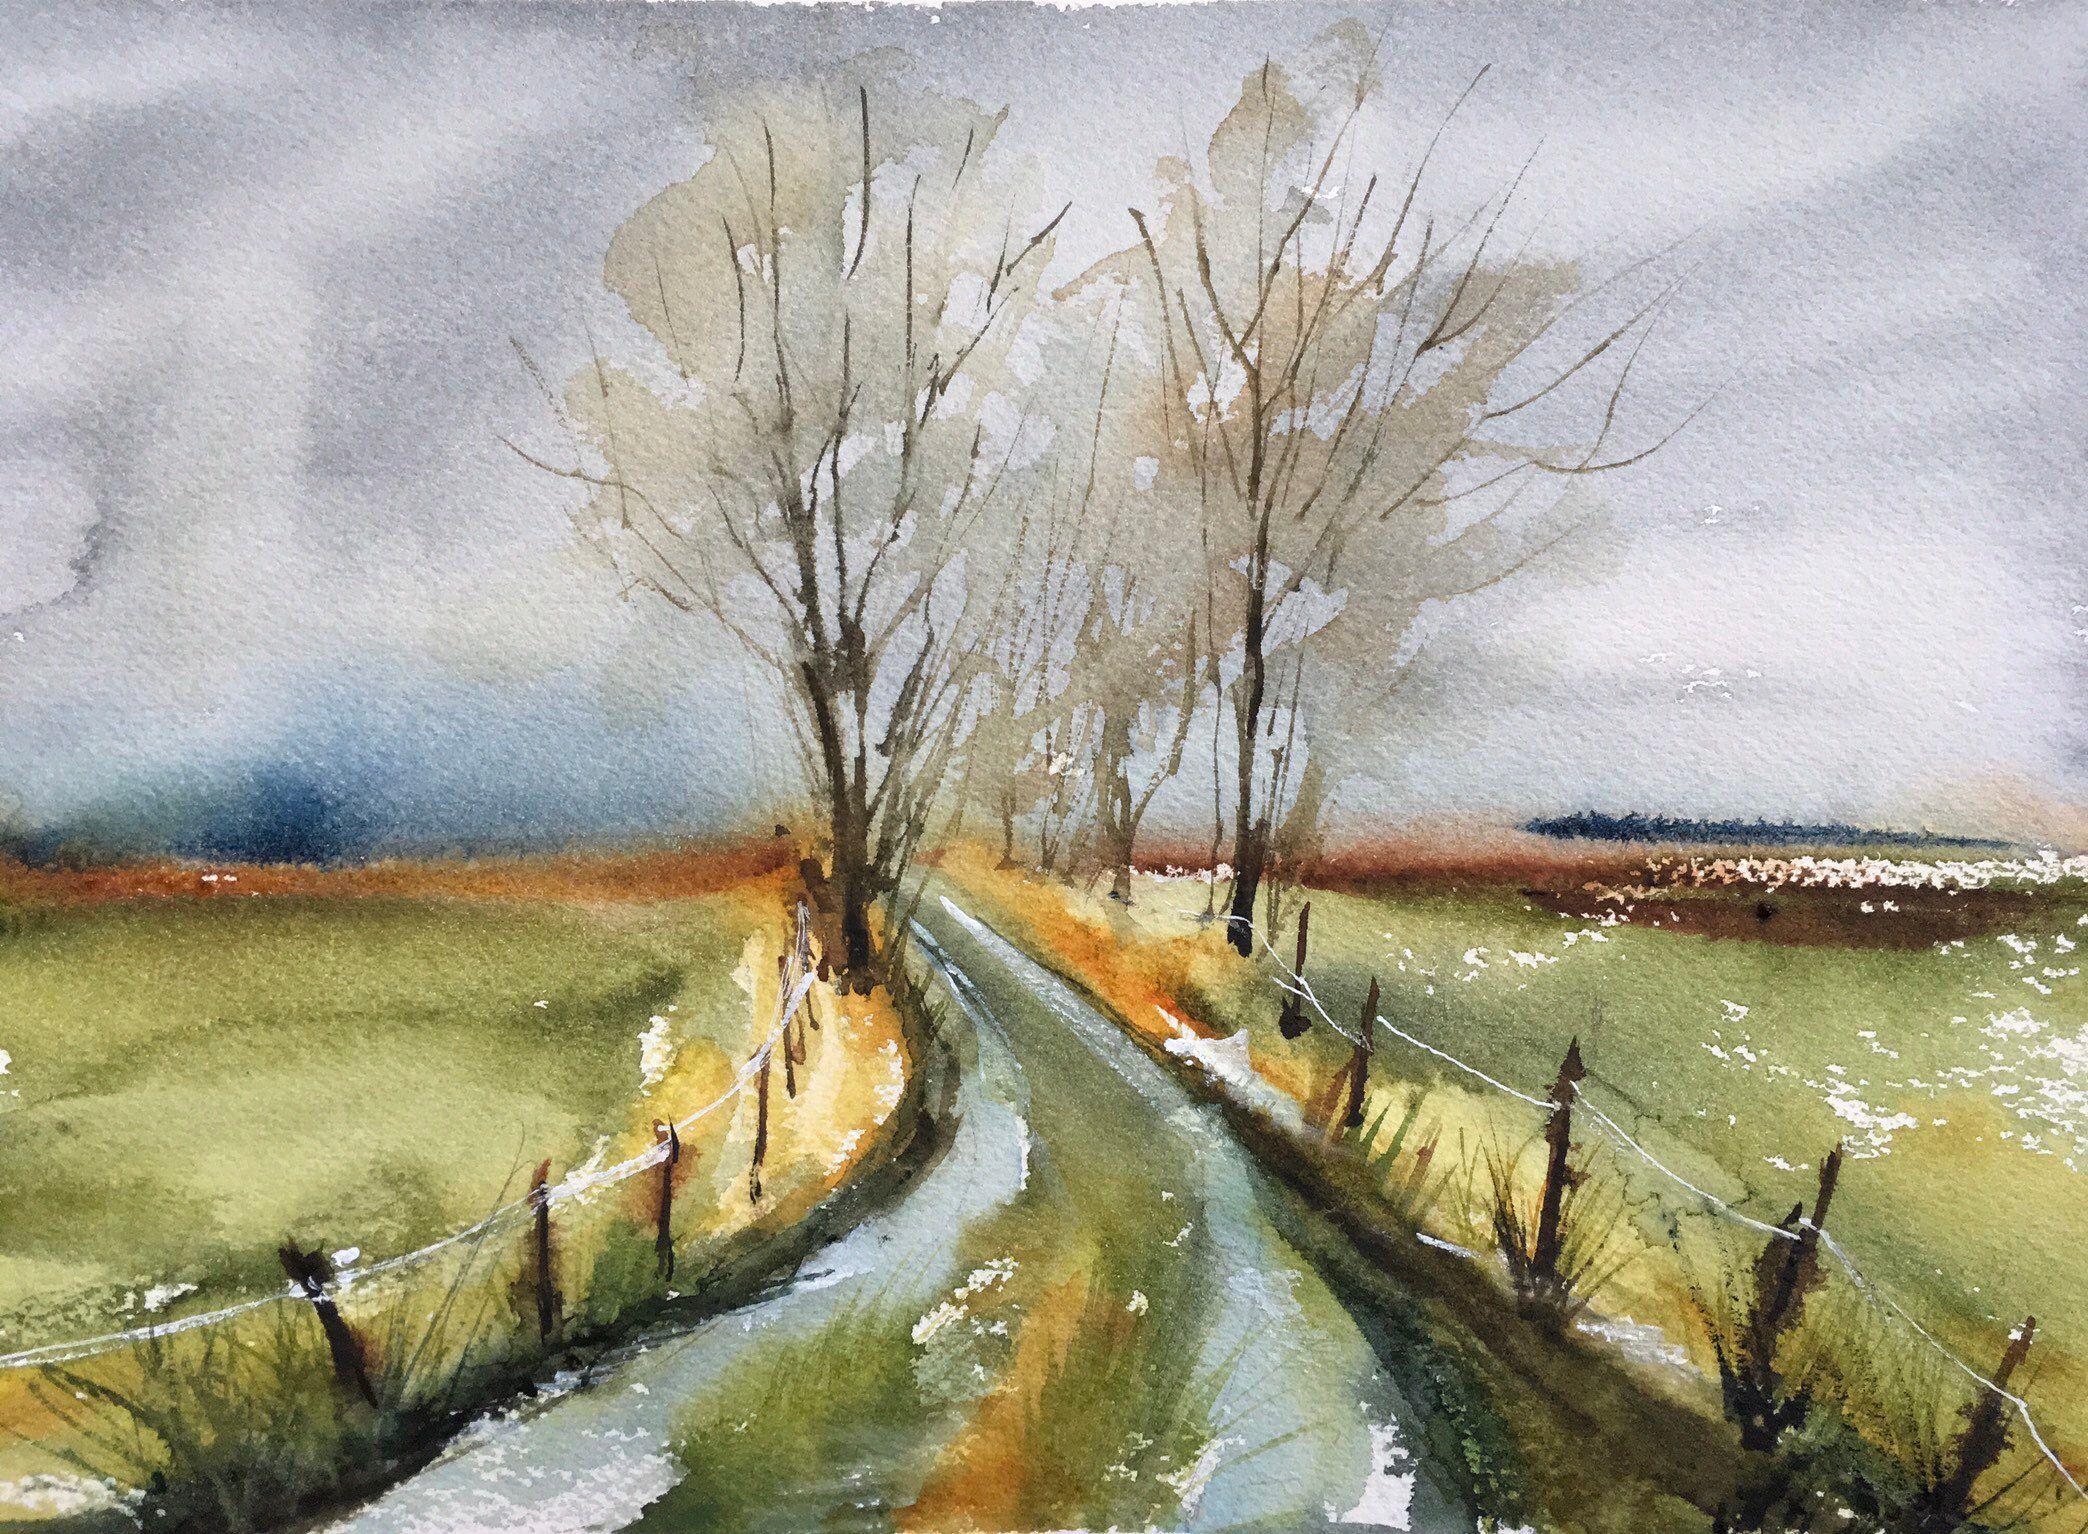 Aquarelle Peinture Originale La Route Un Soir D Automne Brumeux